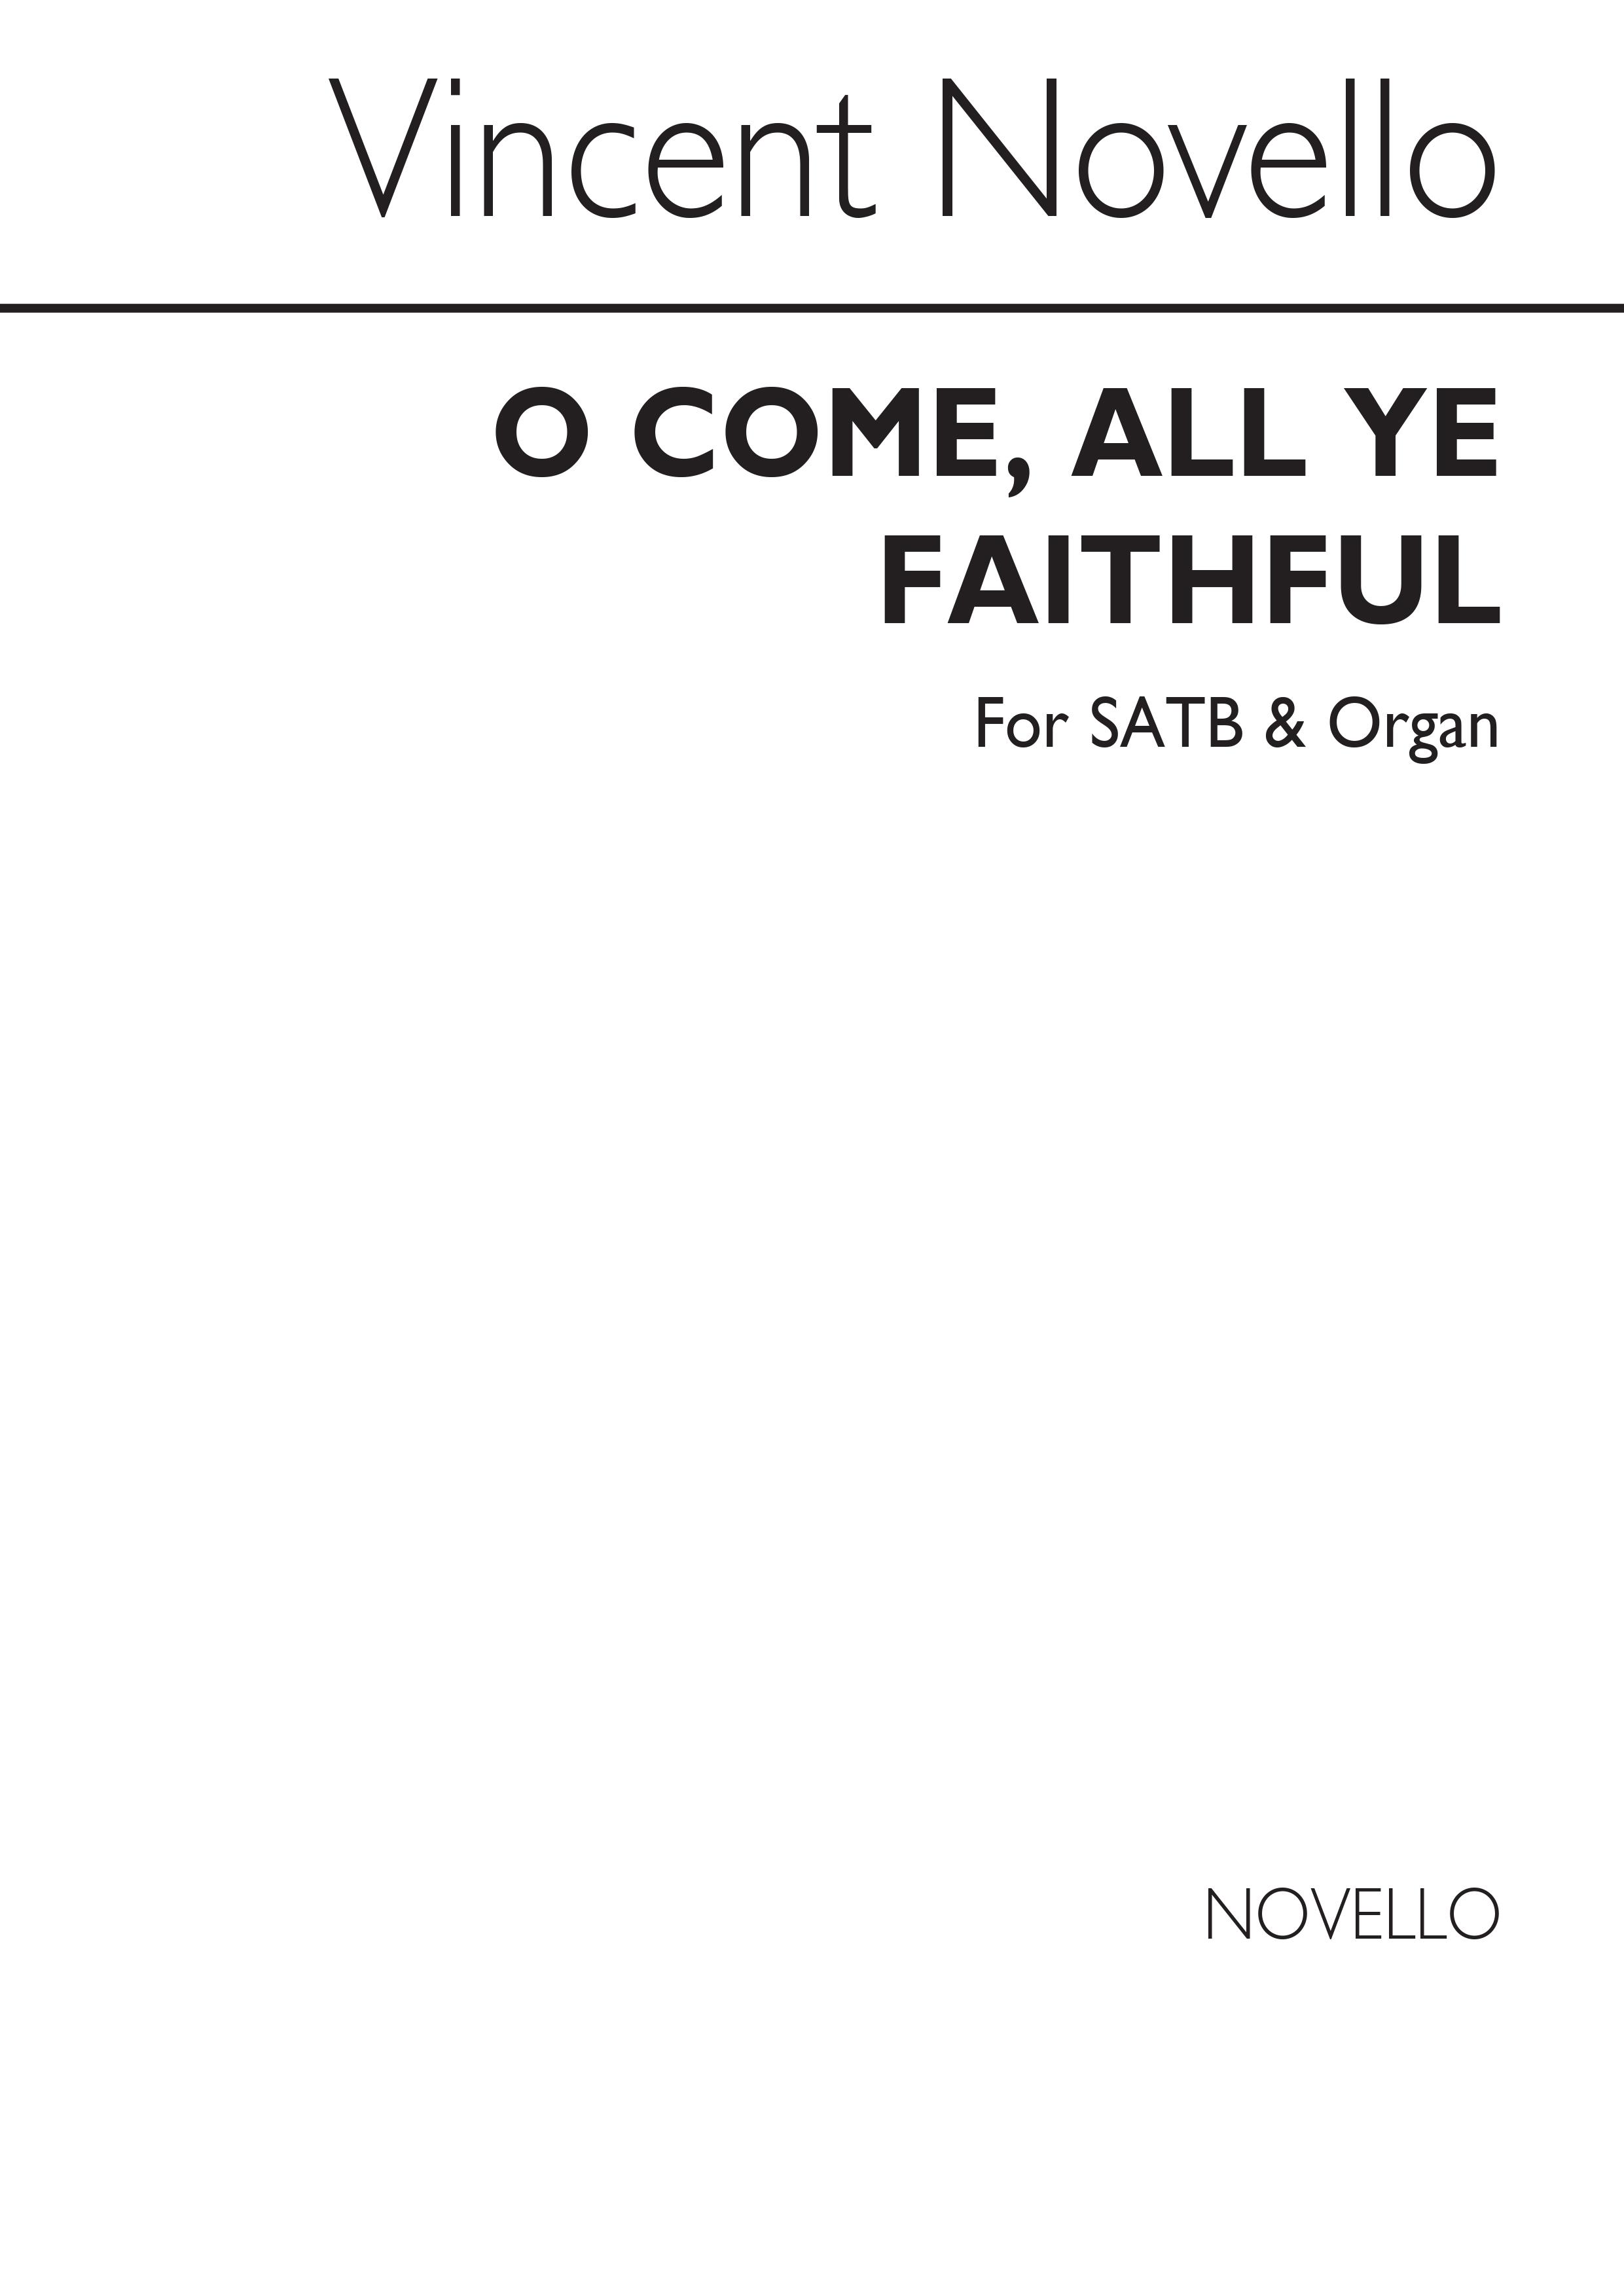 O Come All Ye Faithful (Adeste Fideles) Satb/Org: SATB